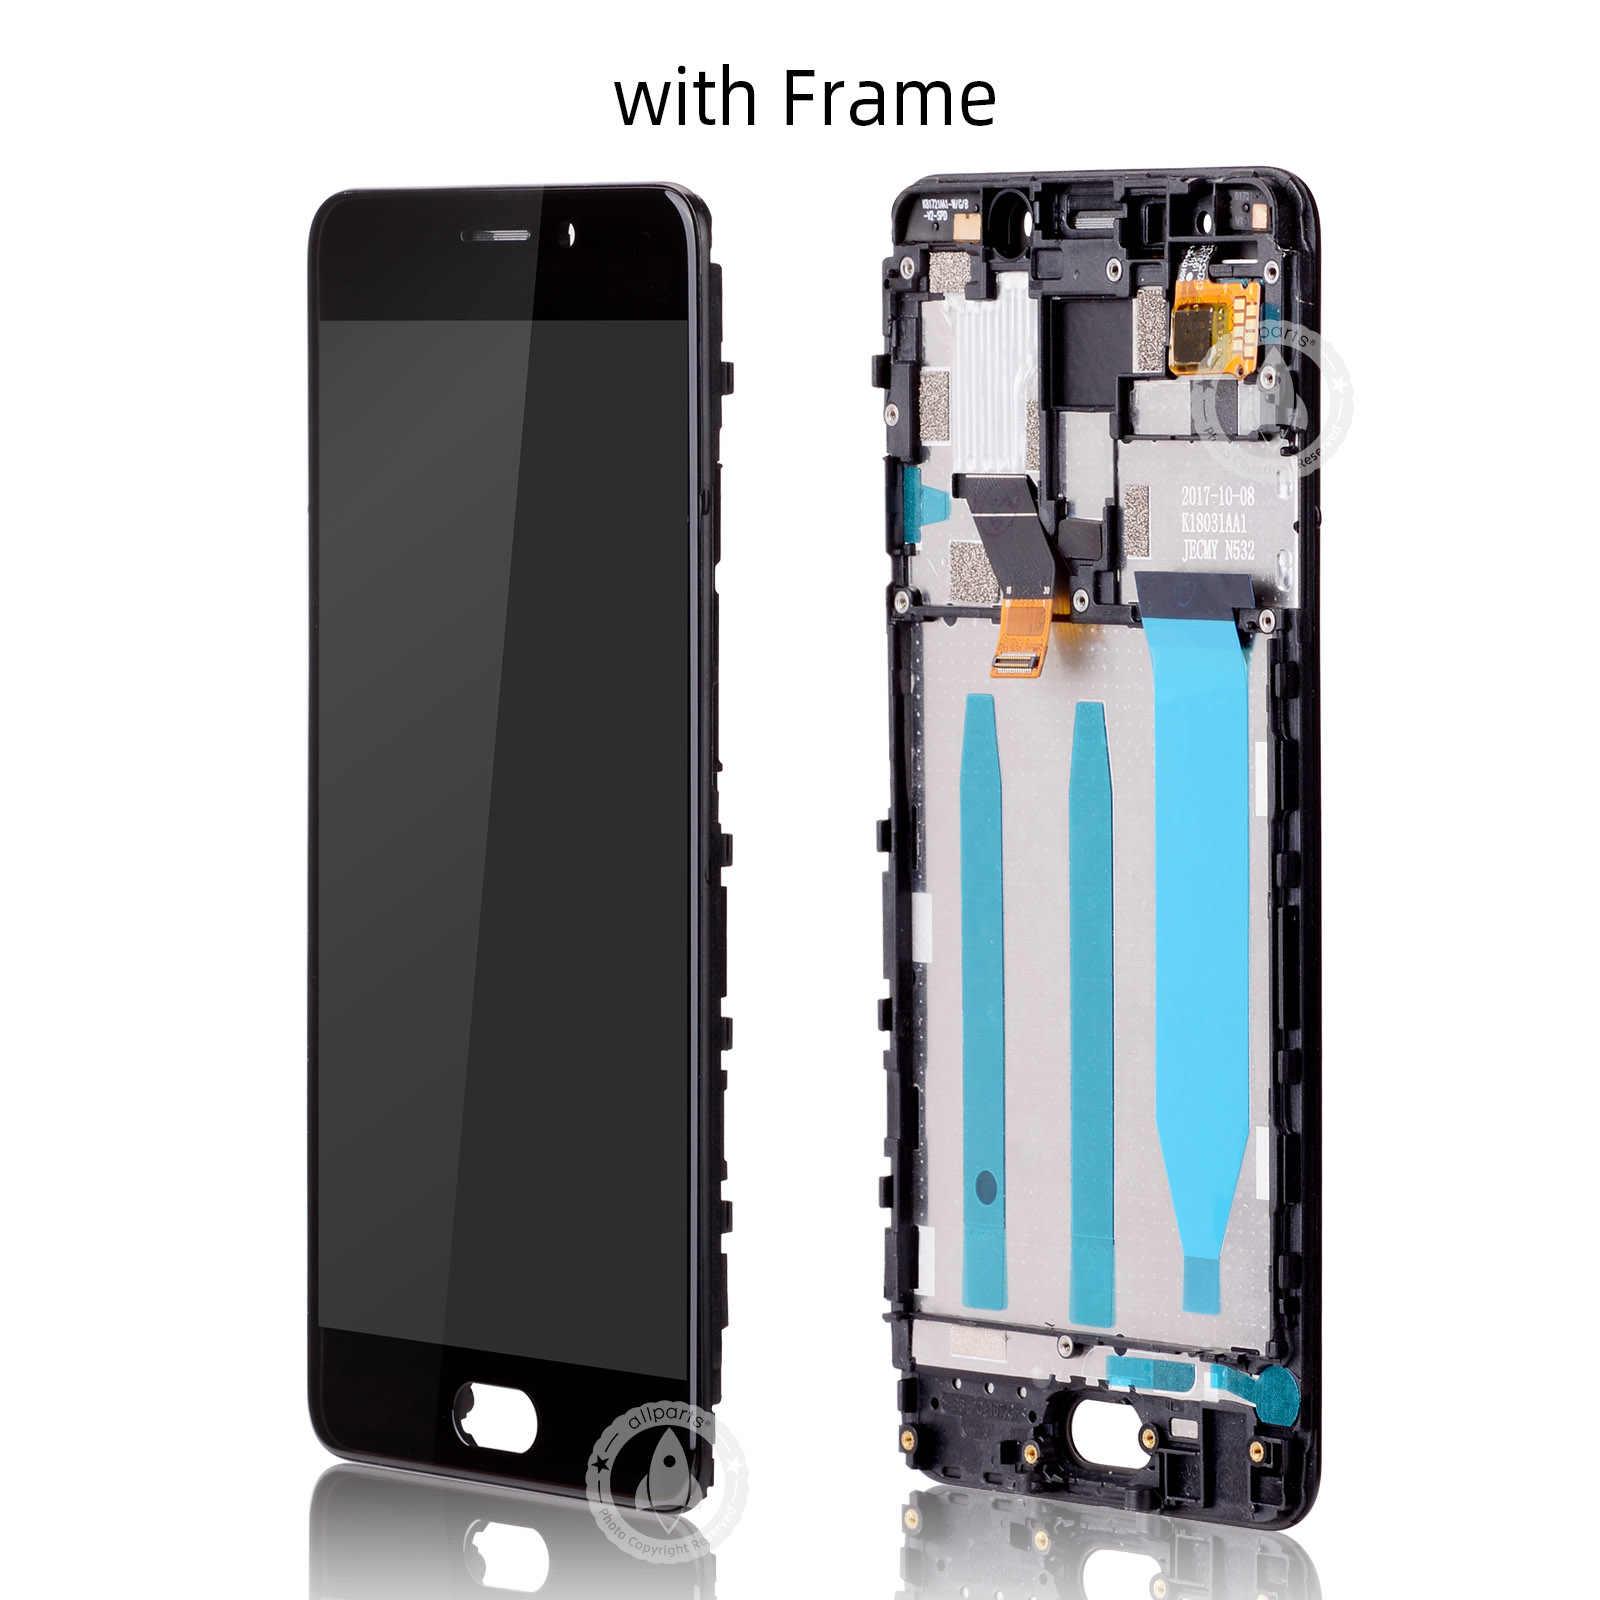 الأصلي 5.5 ''عرض ل Meizu M6 ملاحظة LCD مع شاشة تعمل باللمس M721H M721Q M721W استبدال M6 ملاحظة العرض